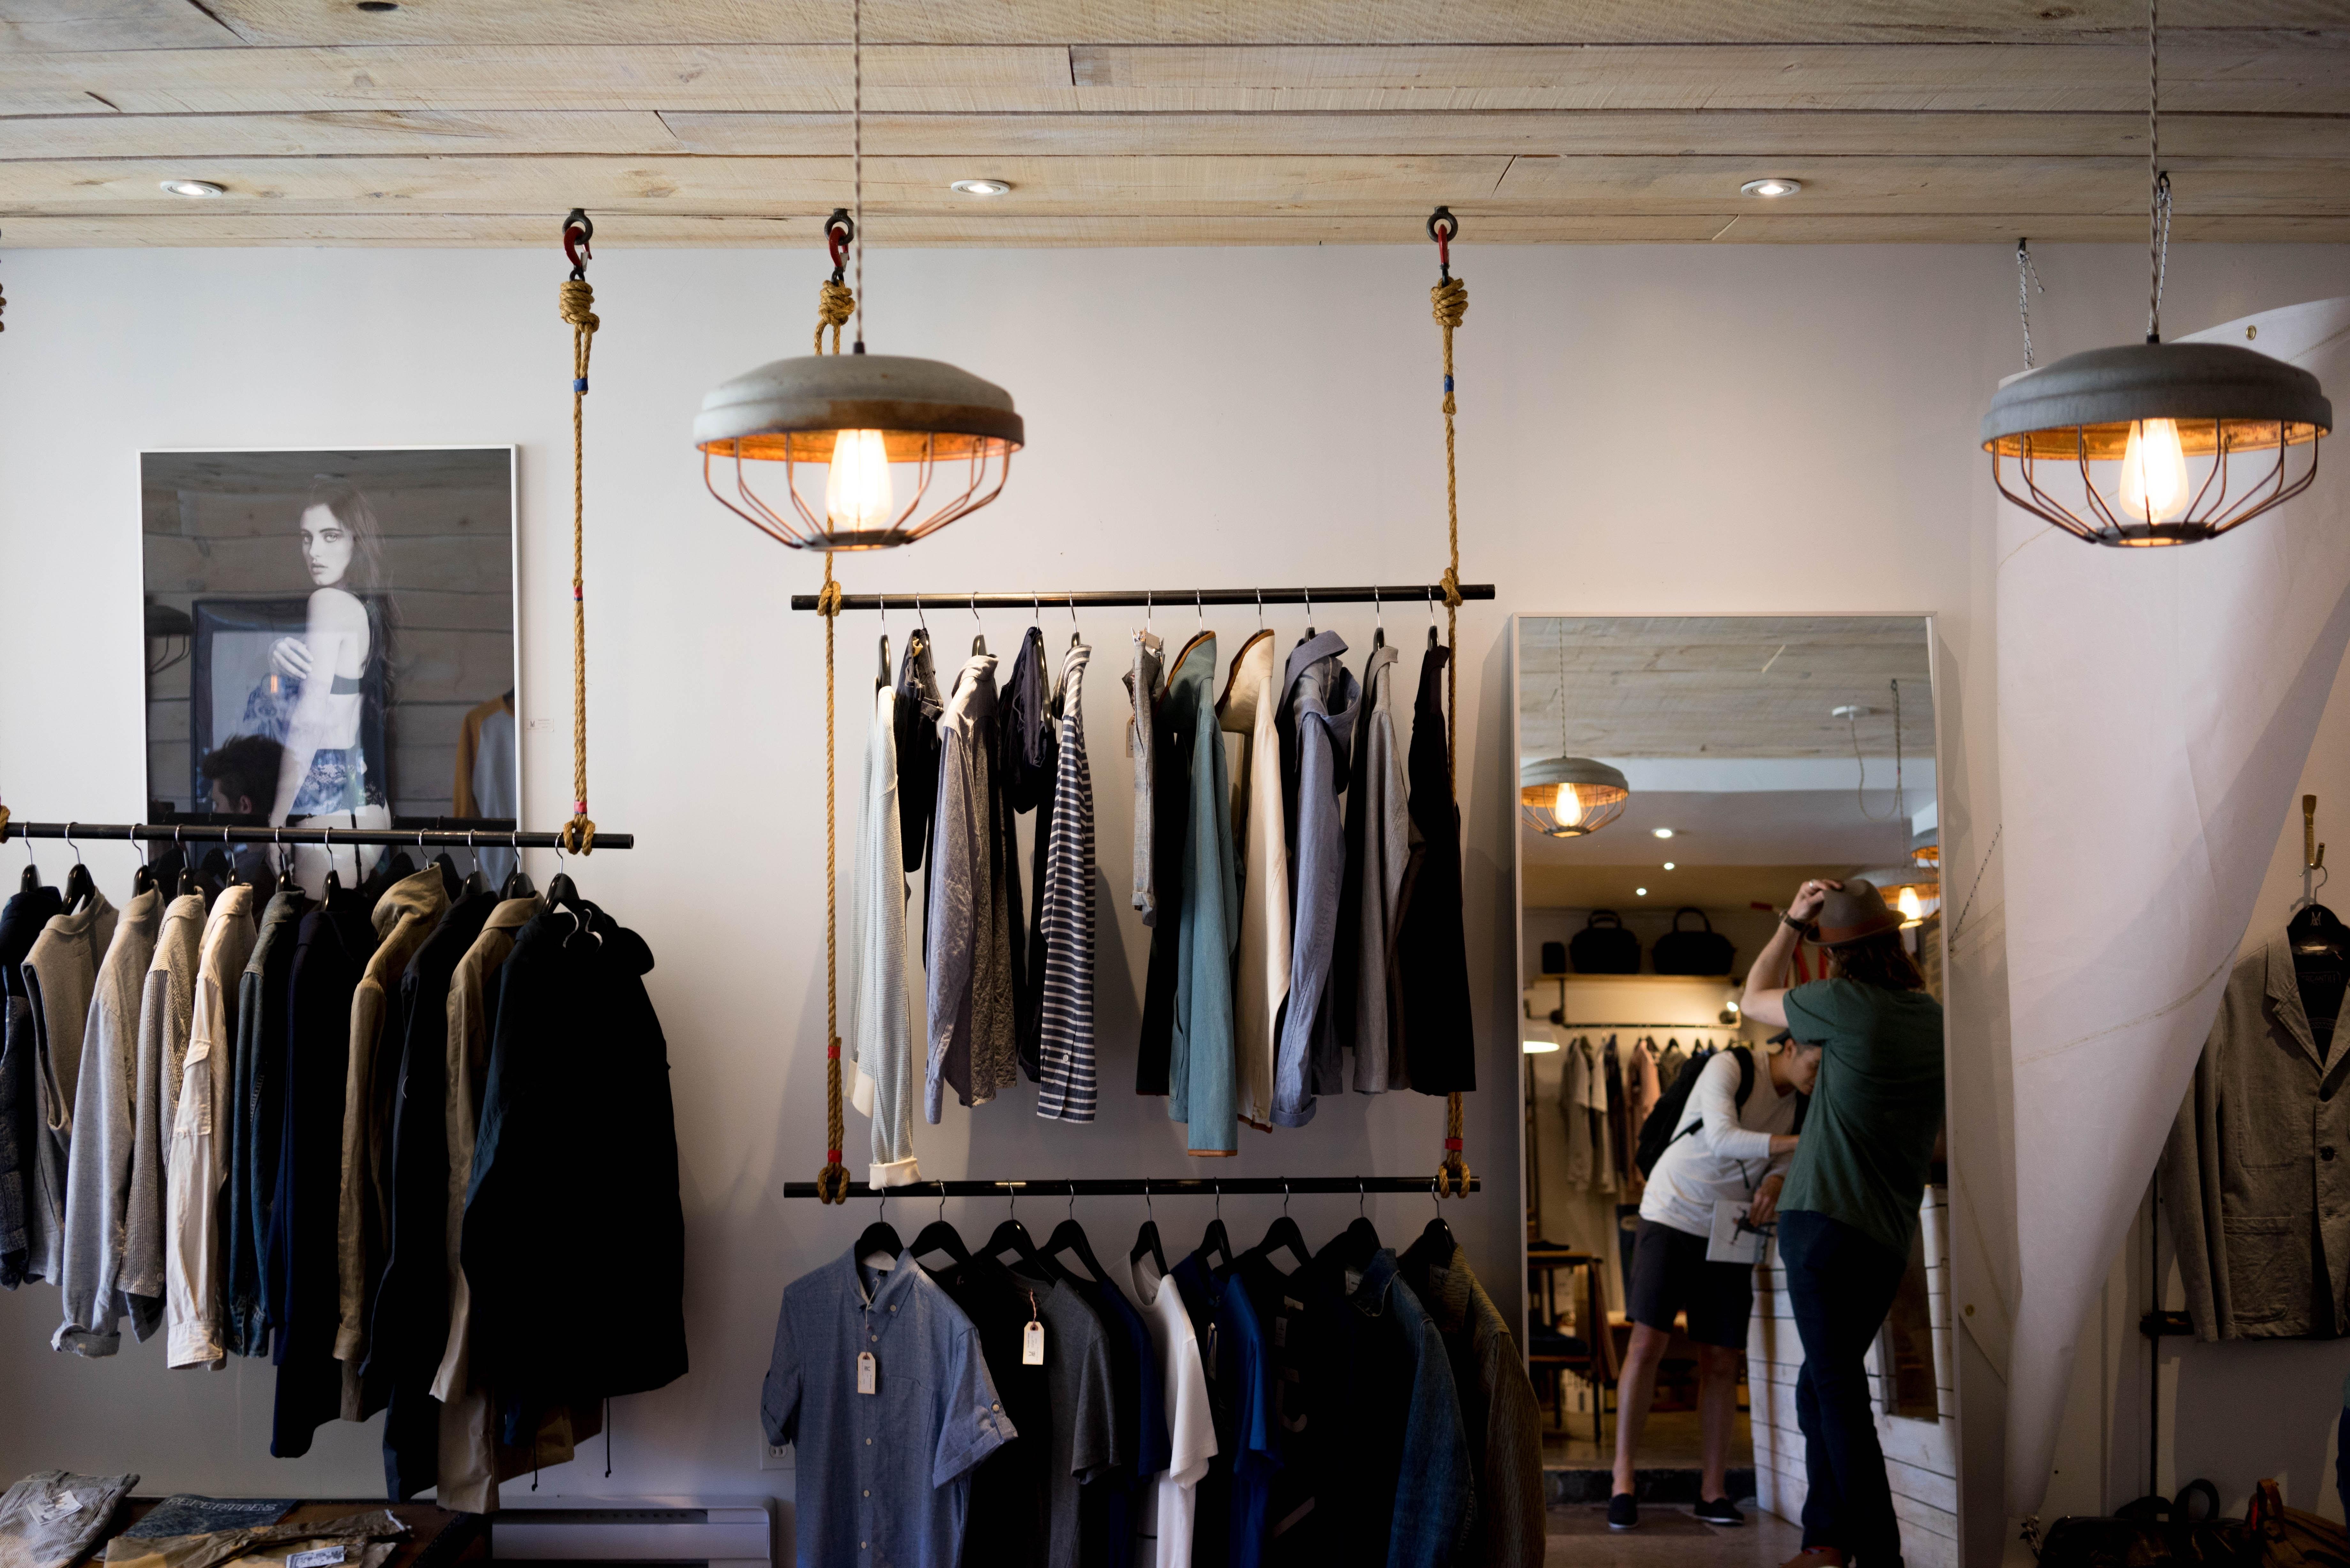 clark-street-mercantile-33919-unsplash